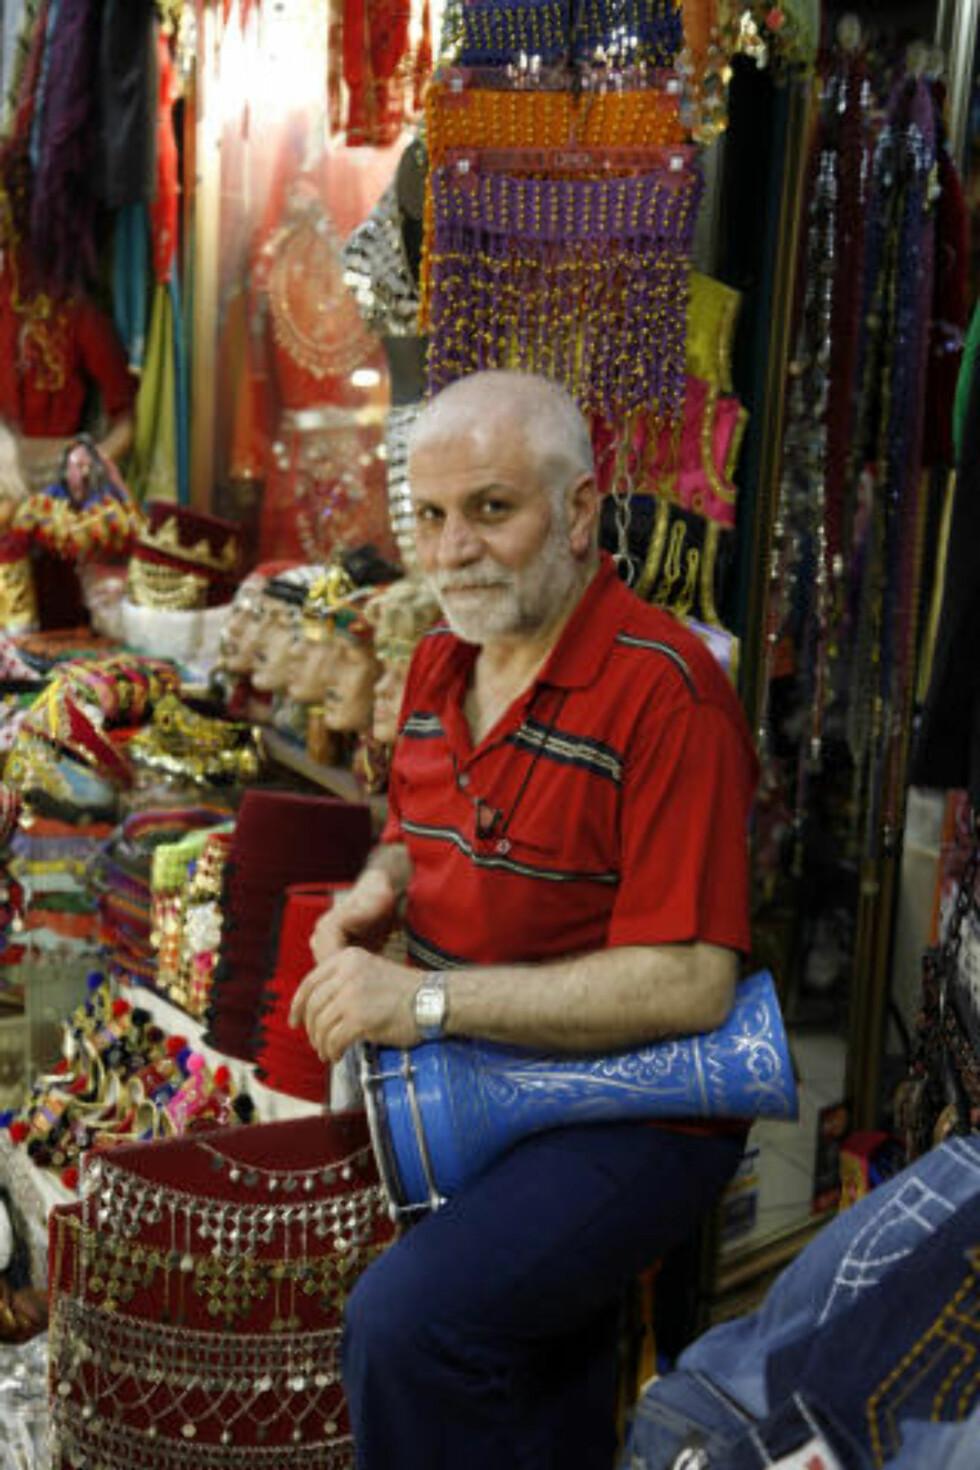 UTVALG: Det er et utrolig utvalg i butikkene i Istanbul. Maken til shoppingby finnes knapt.